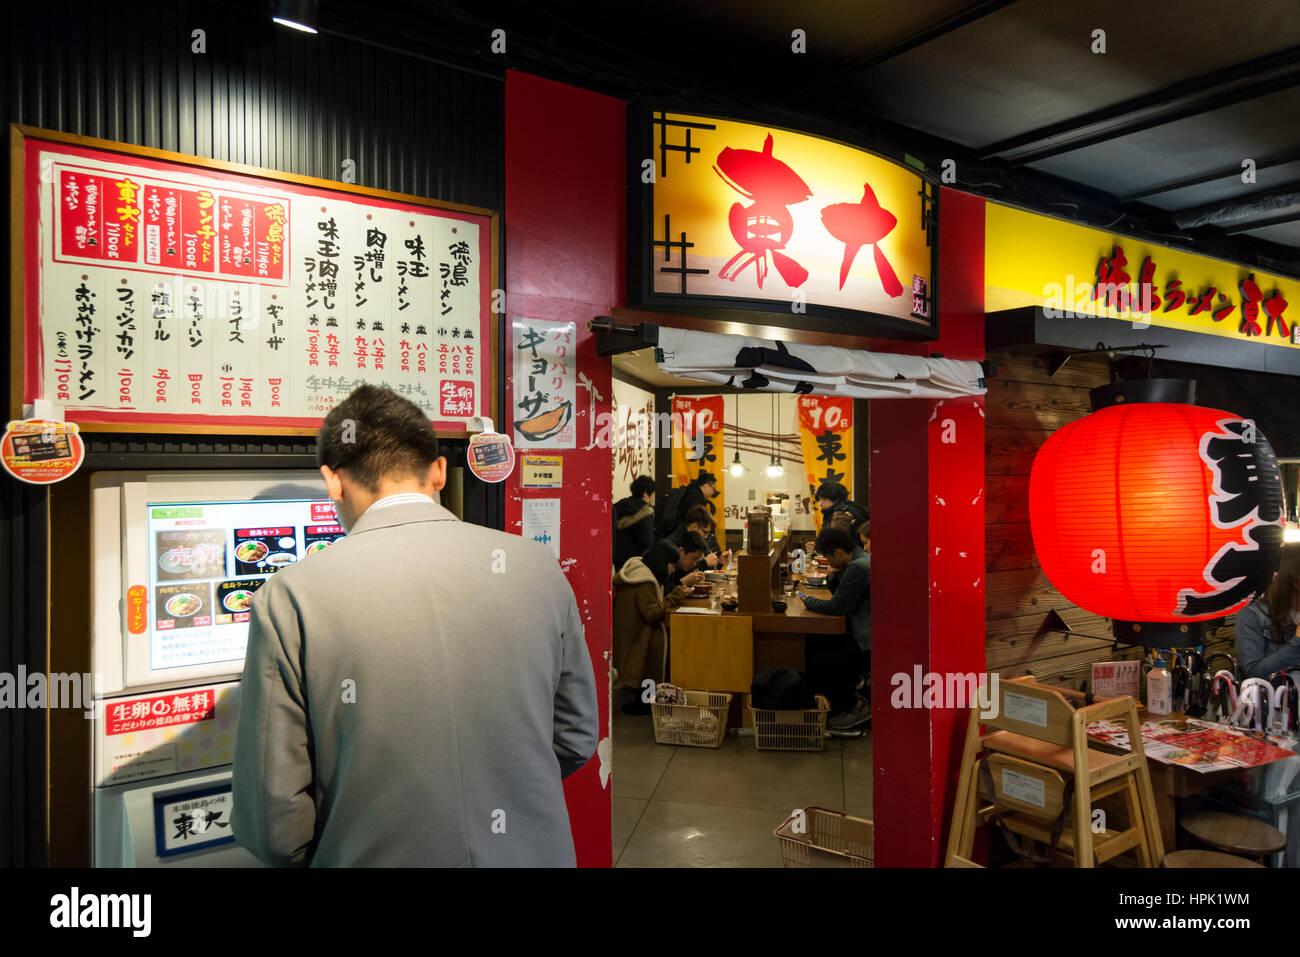 Un uomo di pagare per il cibo in anticipo presso un distributore automatico al di fuori di un ristorante prima di Immagini Stock